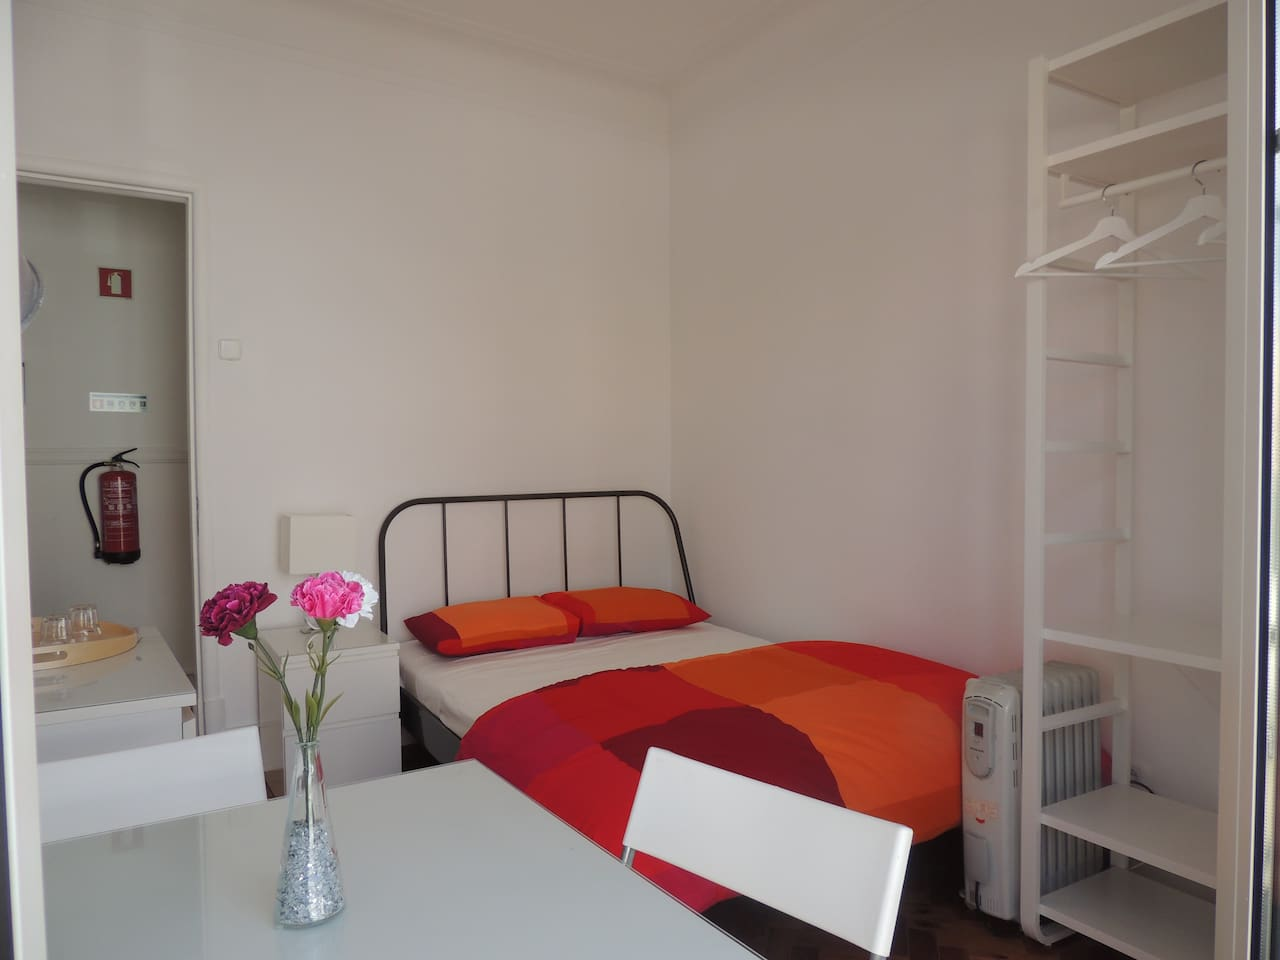 -Quarto 02 : cama de casal(nova), mesa de cabeceira, abajur(novo), mesa para refeições e trabalho com 02 cadeiras , cômoda e armário aberto (novo), balcony.